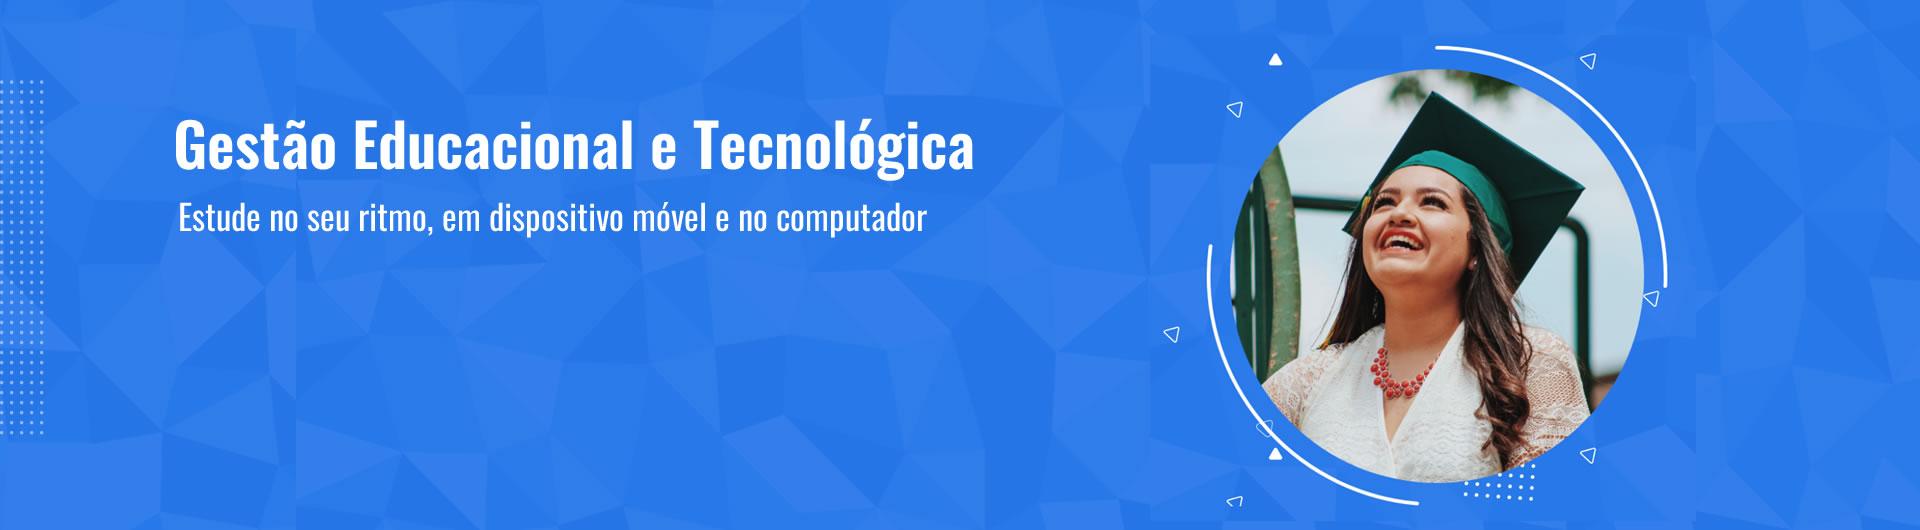 Gestão Educacional e Tecnologica